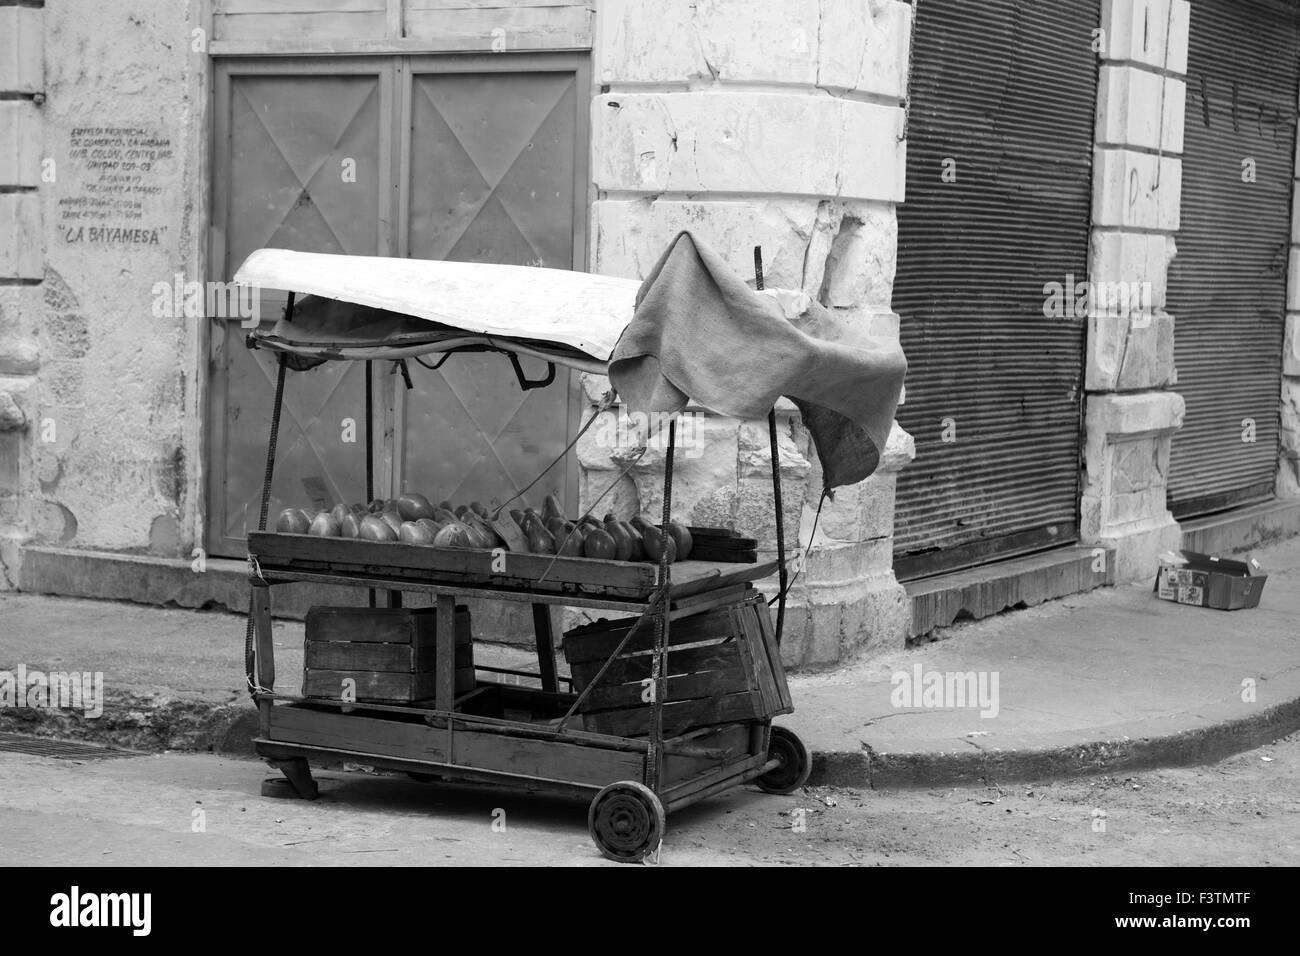 Vieille ville de La Havane Cuba ville B/W L'avocat de l'ancienne terre stand de fruits divers magasins de Photo Stock